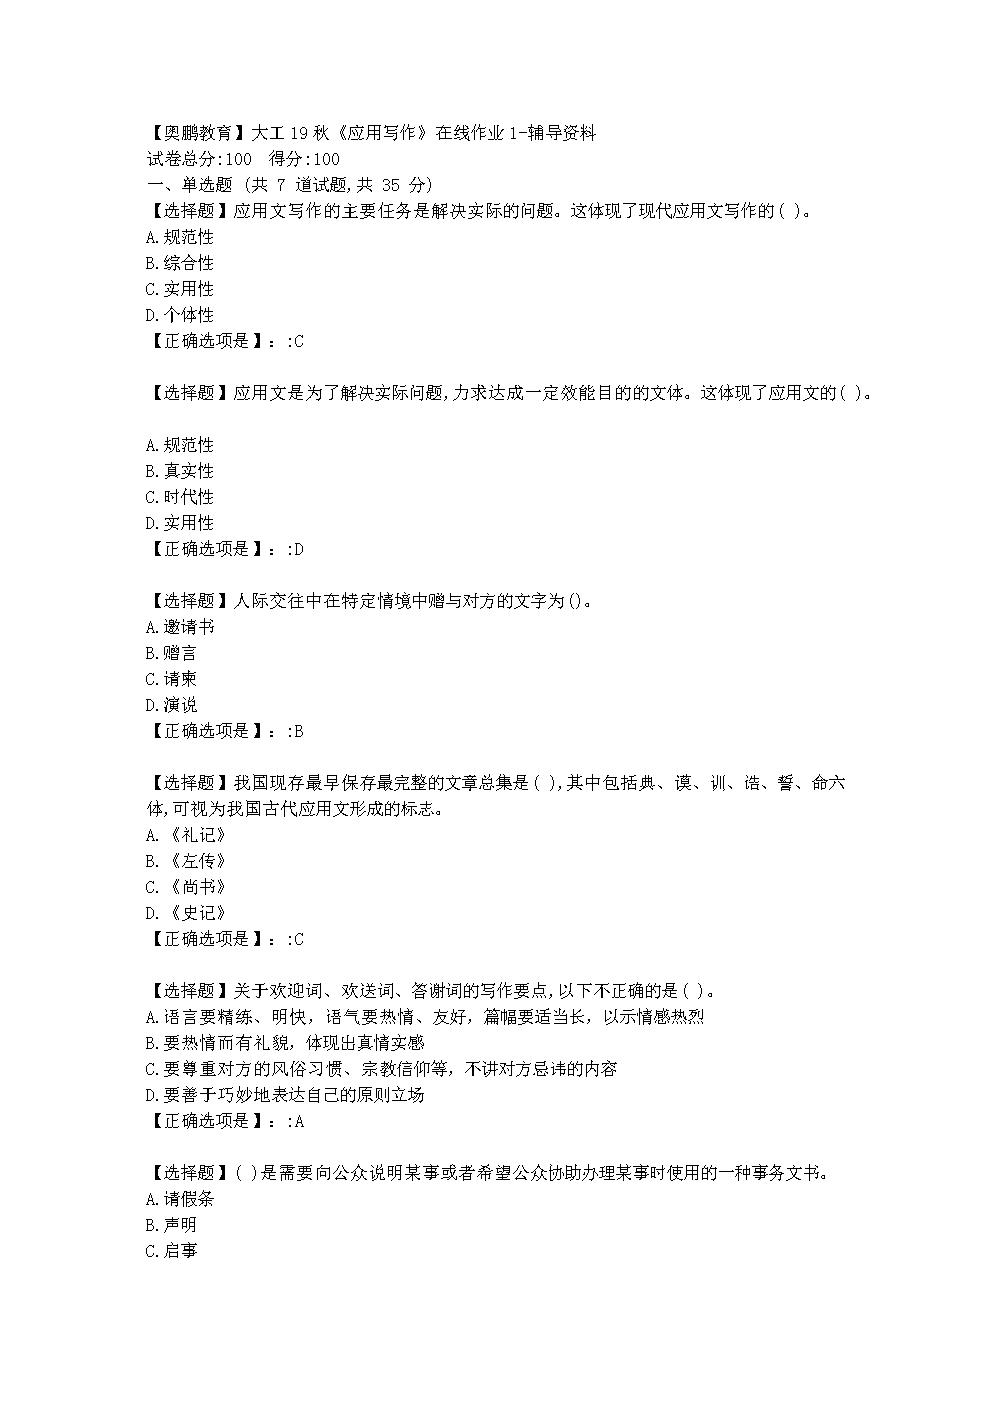 大连理工大学19秋《应用写作》在线作业1学习资料.doc